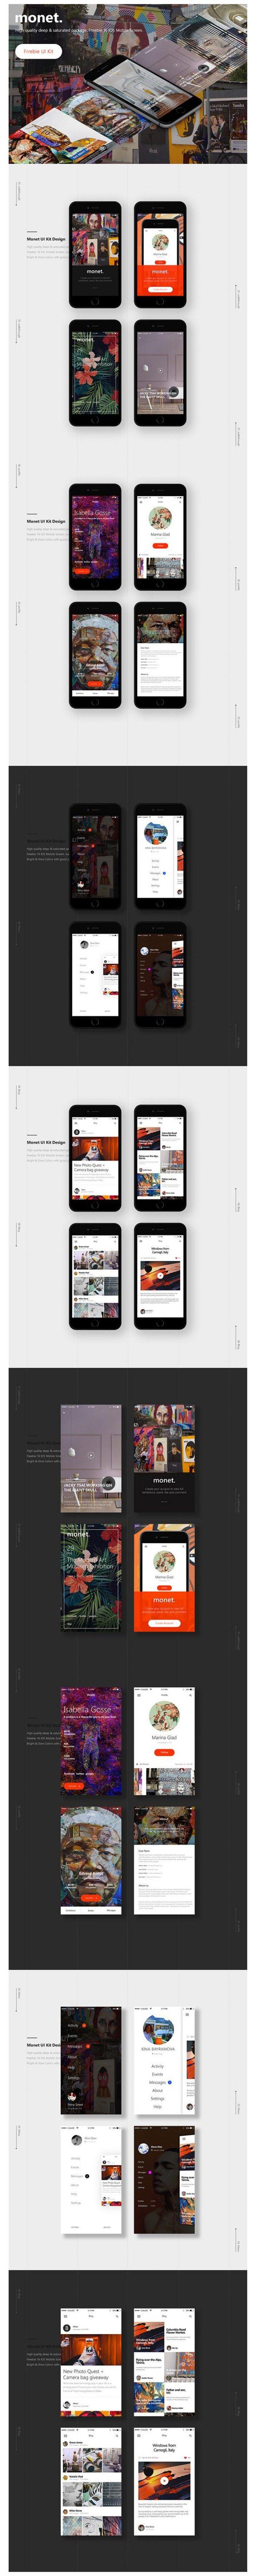 Free PSD iOS App UI Kit: Monet by Konul Bayramova